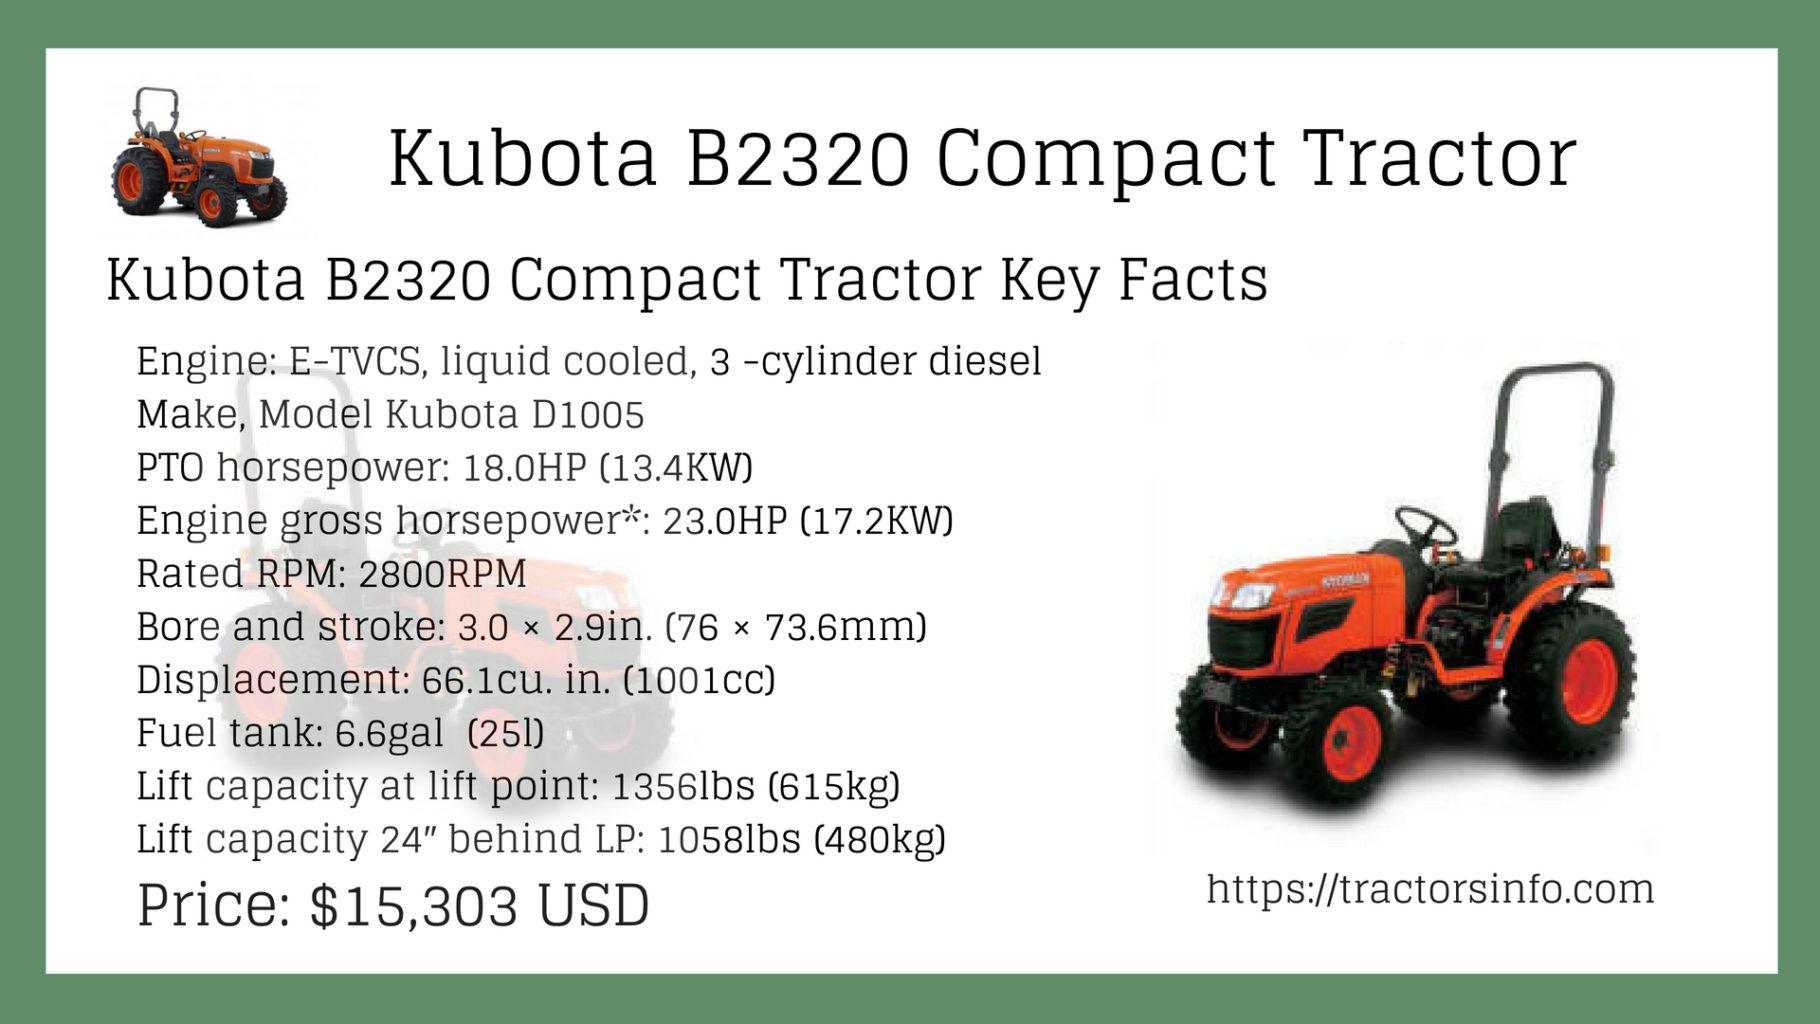 Kubota 2320 compact tractor